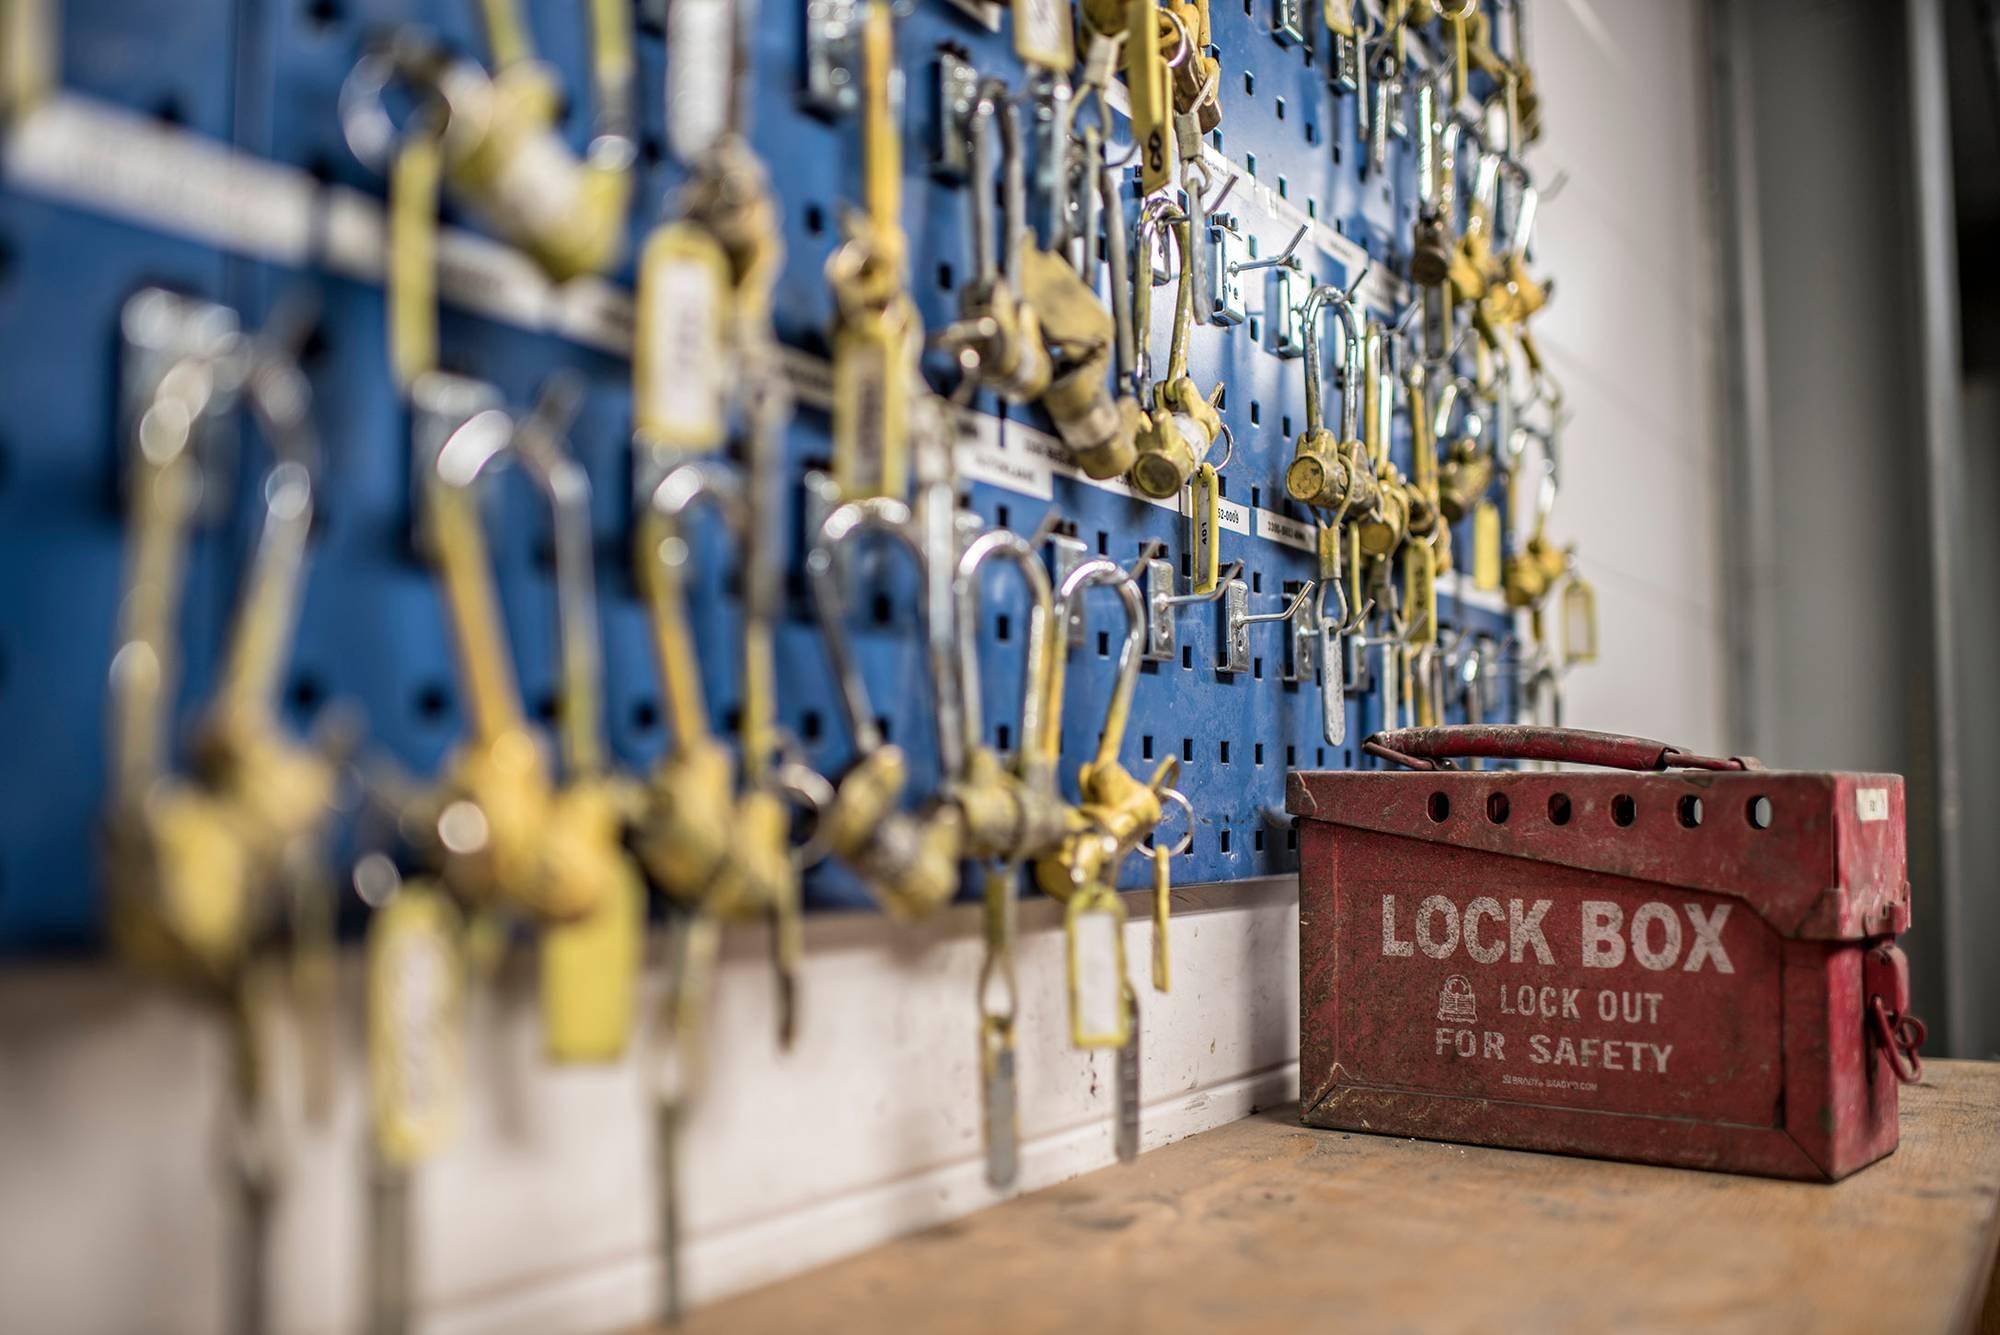 Kun rikastamon laitteita huolletaan, osa lukitaan monella avaimella, jotta laitteita ei voi käynnistää vahingossa.